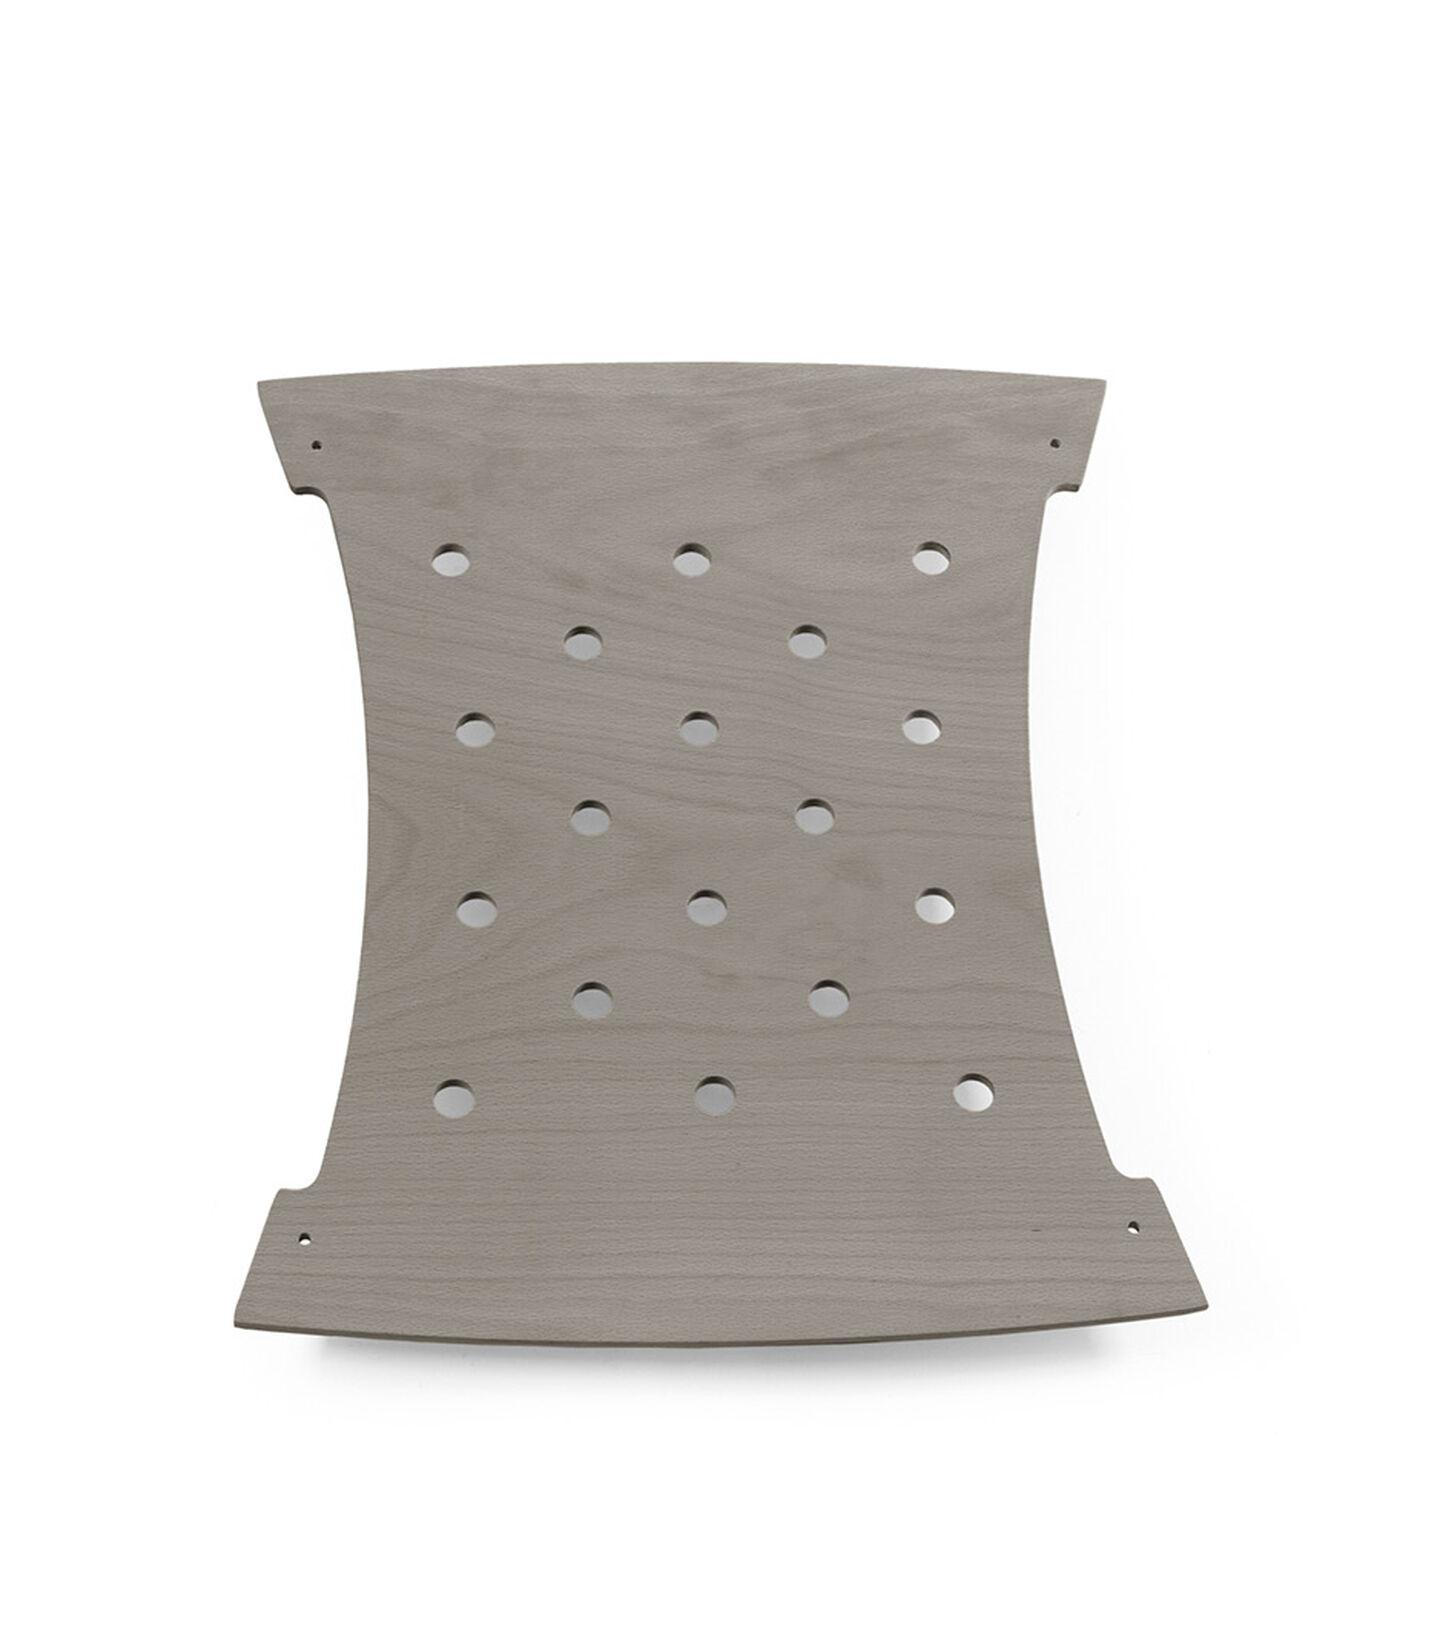 Stokke® Sleepi™ Plywood middle Hazy Grey, Hazy Grey, mainview view 1